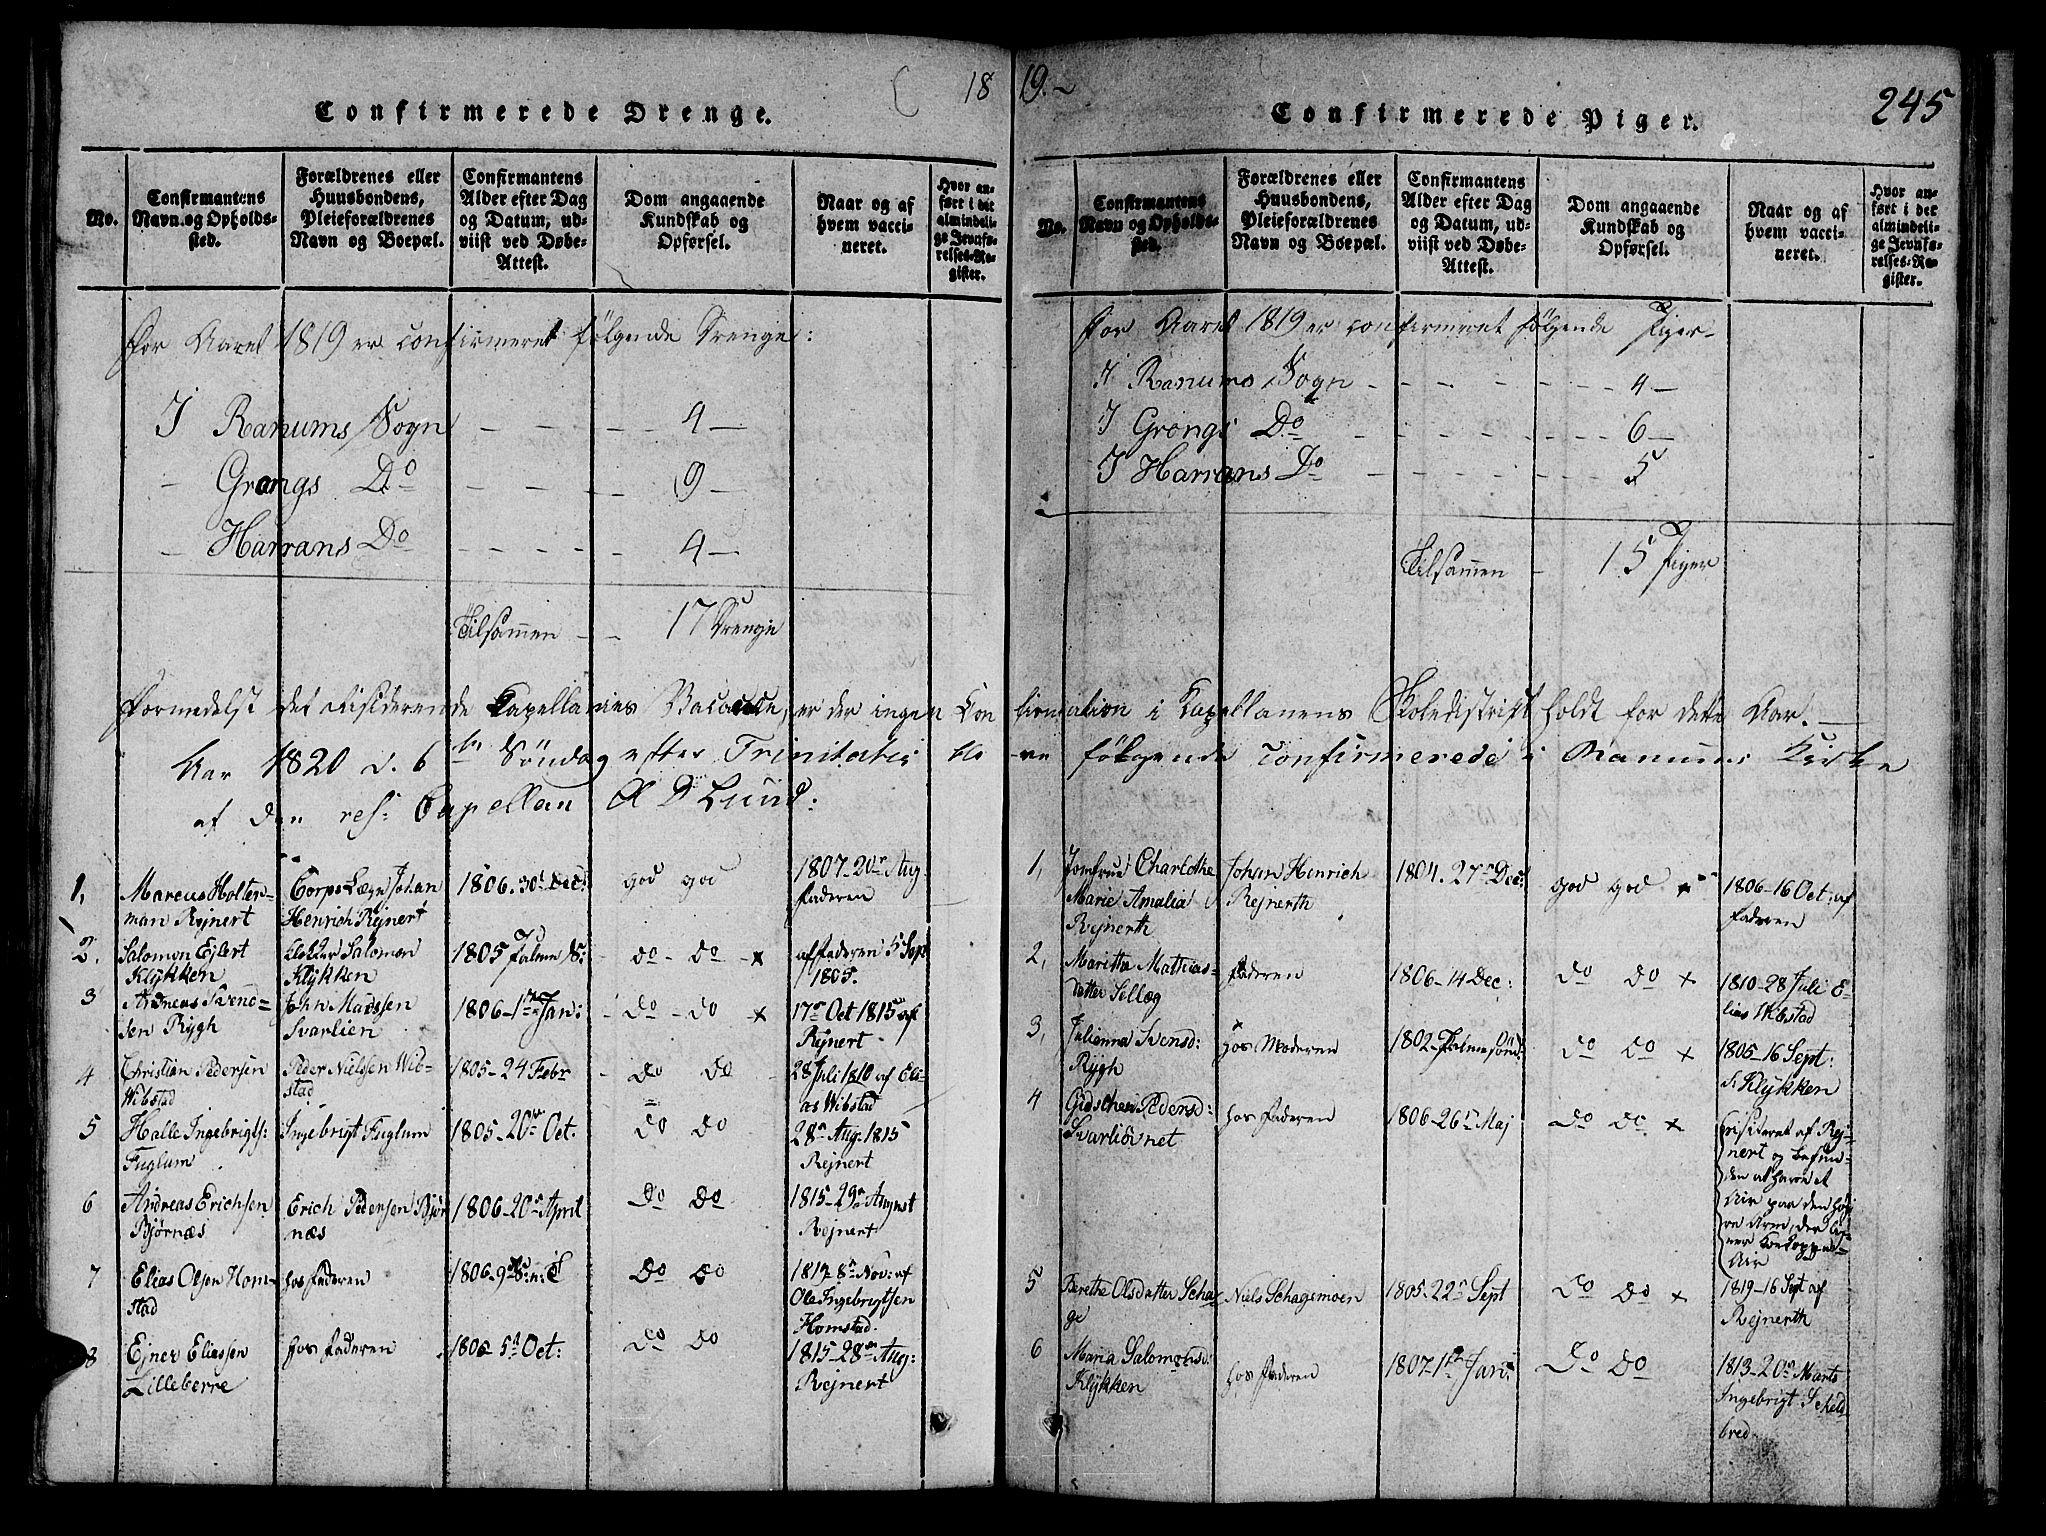 SAT, Ministerialprotokoller, klokkerbøker og fødselsregistre - Nord-Trøndelag, 764/L0546: Ministerialbok nr. 764A06 /1, 1816-1823, s. 245